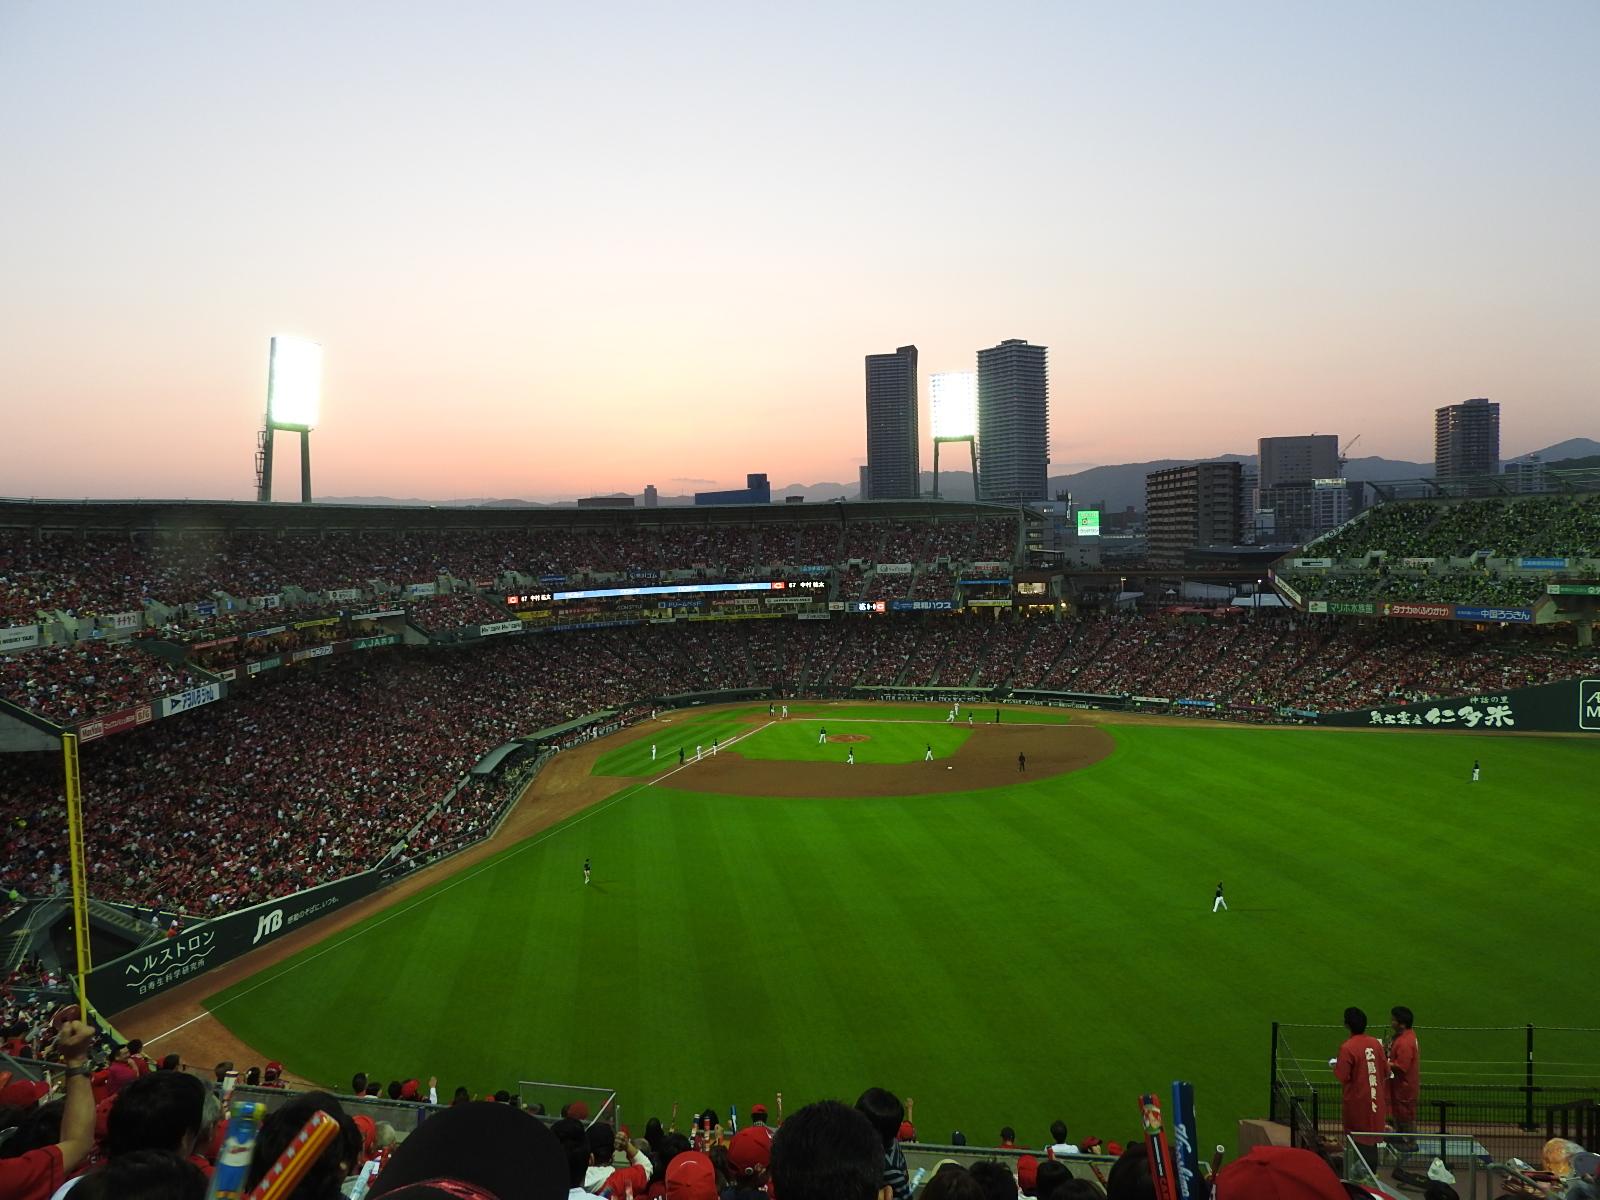 専門家がイベント自粛がいつまで続くか予測した -プロ野球開幕は最短4月10日可能-